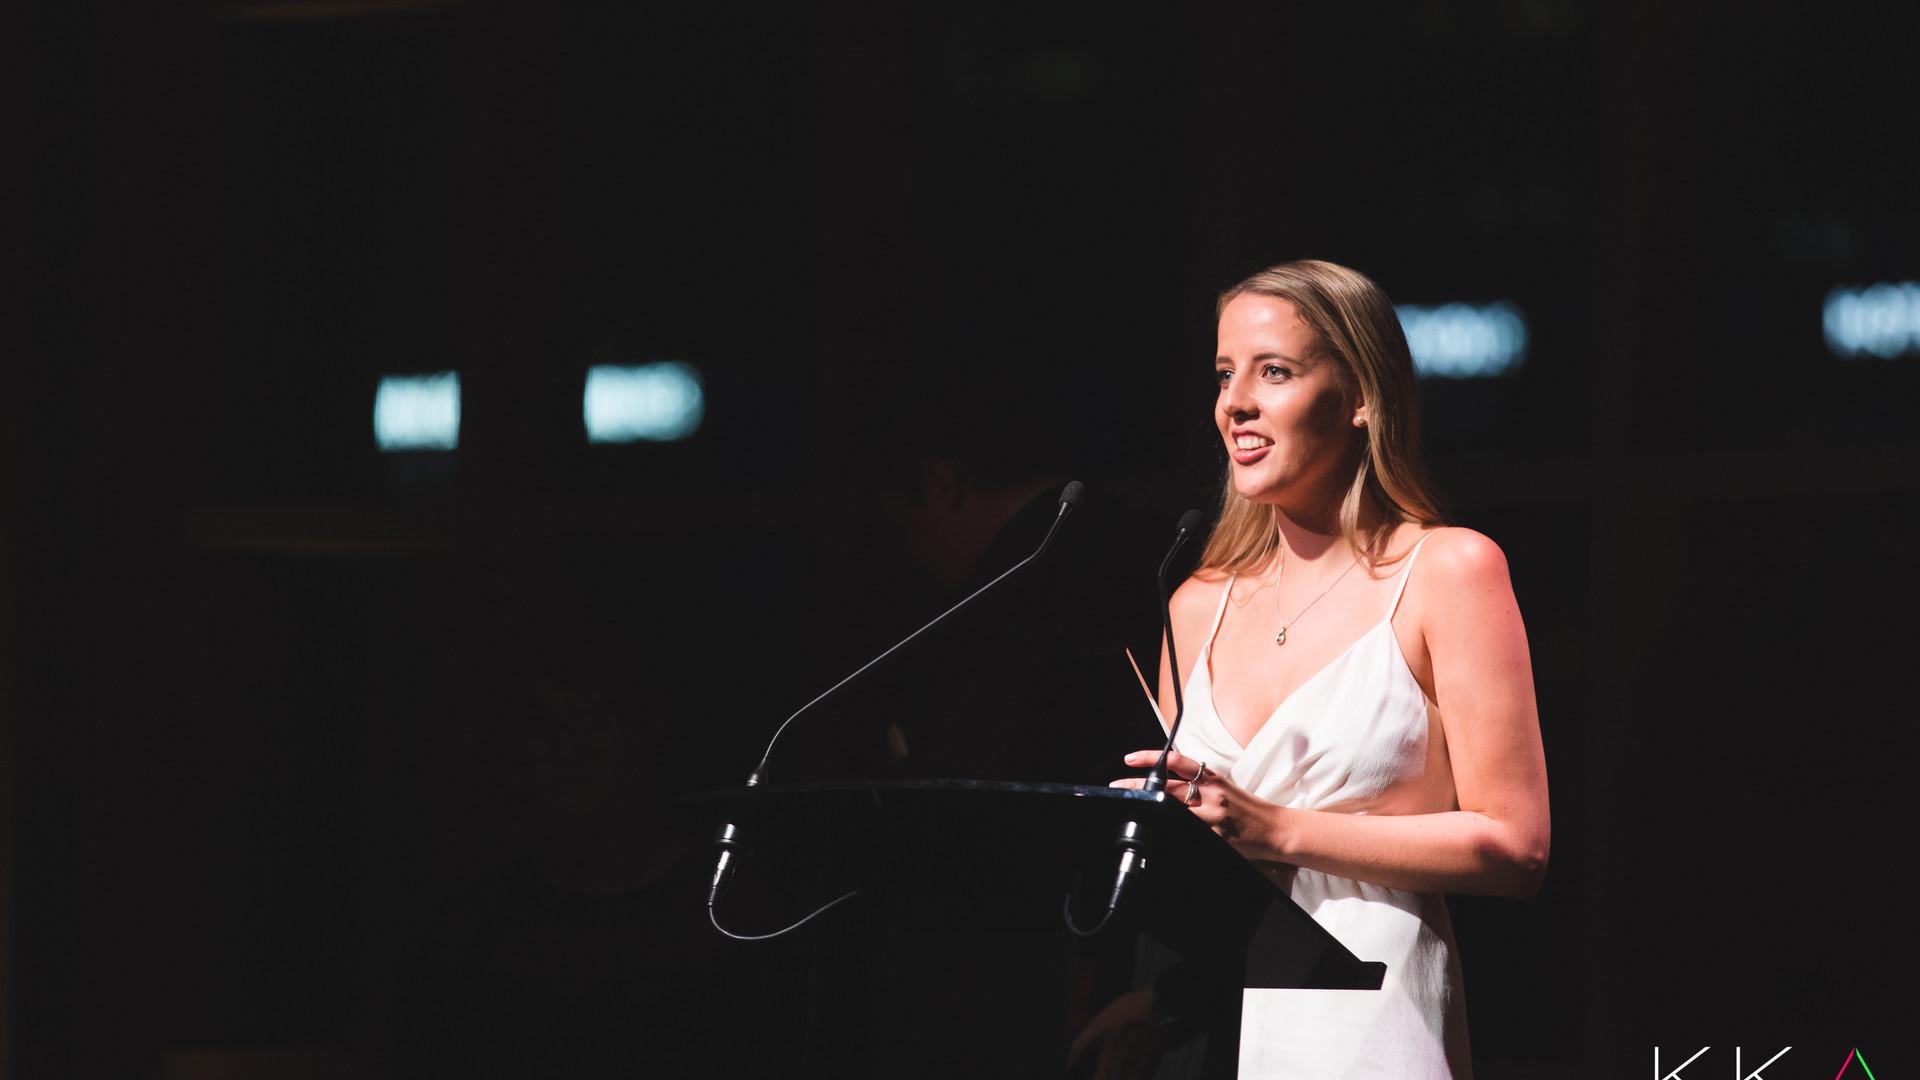 Winners of MedTech's Got Talent 2018